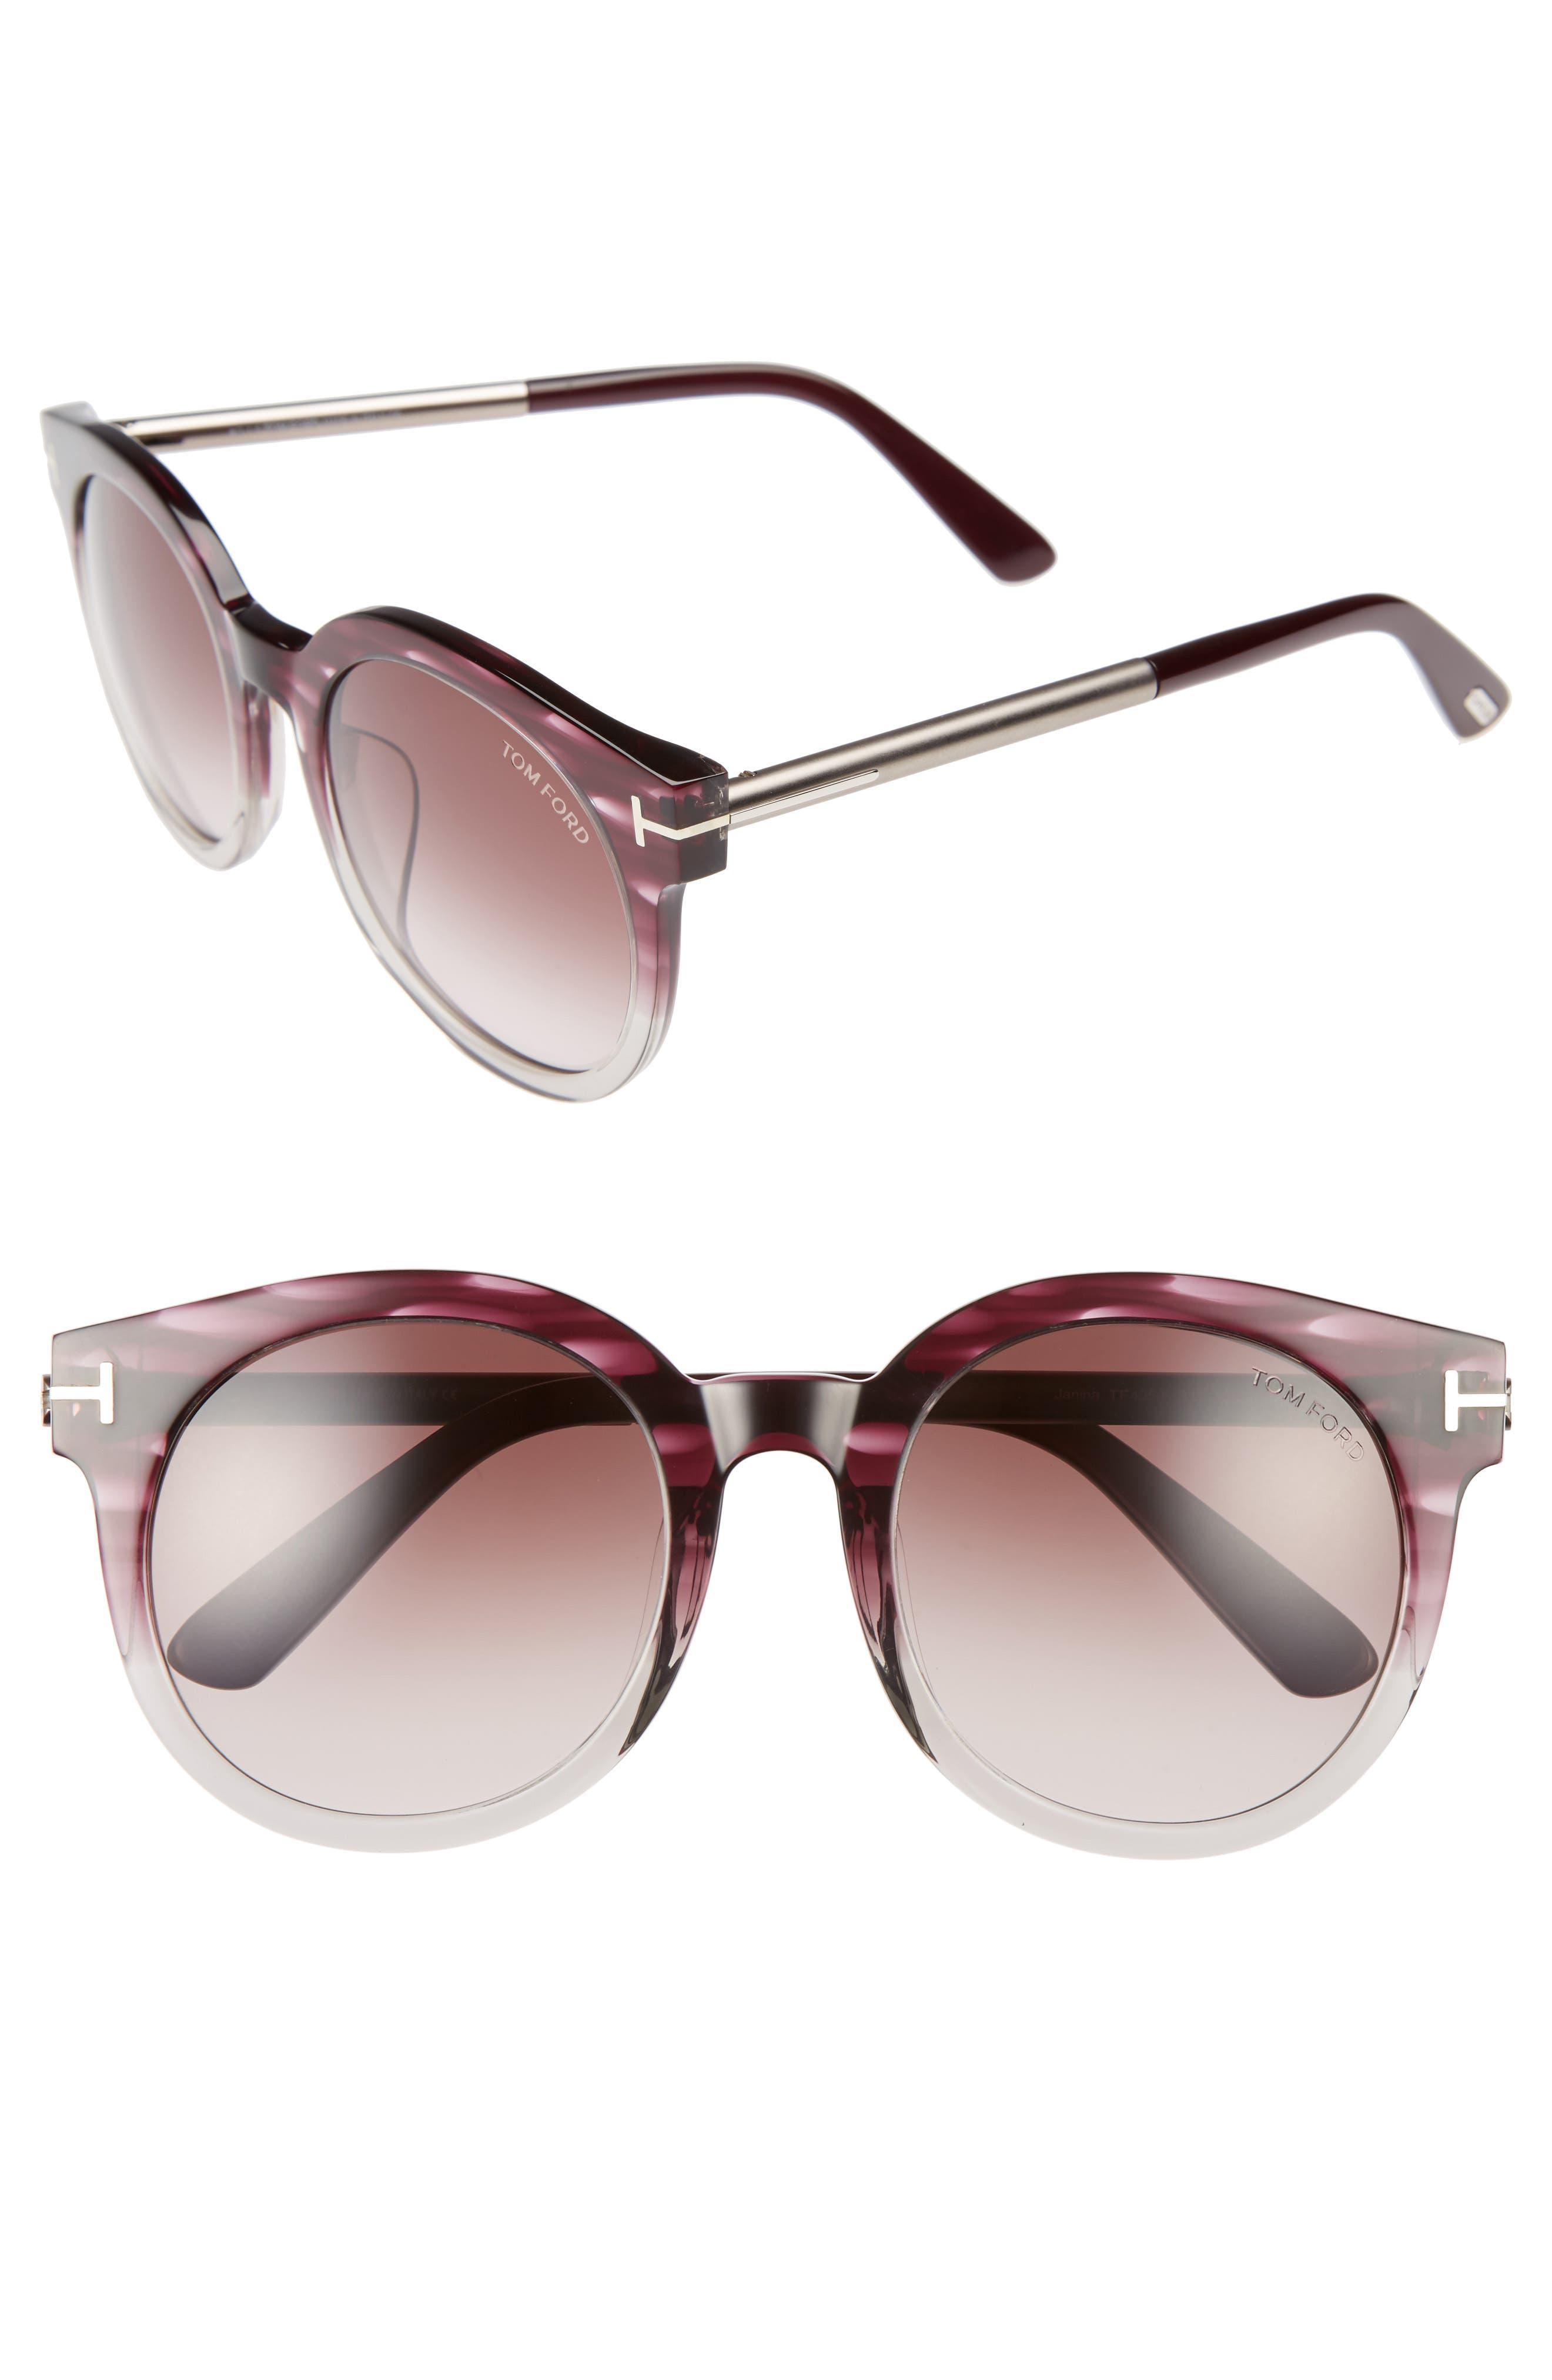 Janina 53mm Special Fit Round Sunglasses,                         Main,                         color, Violet/ Gradient Bordeaux